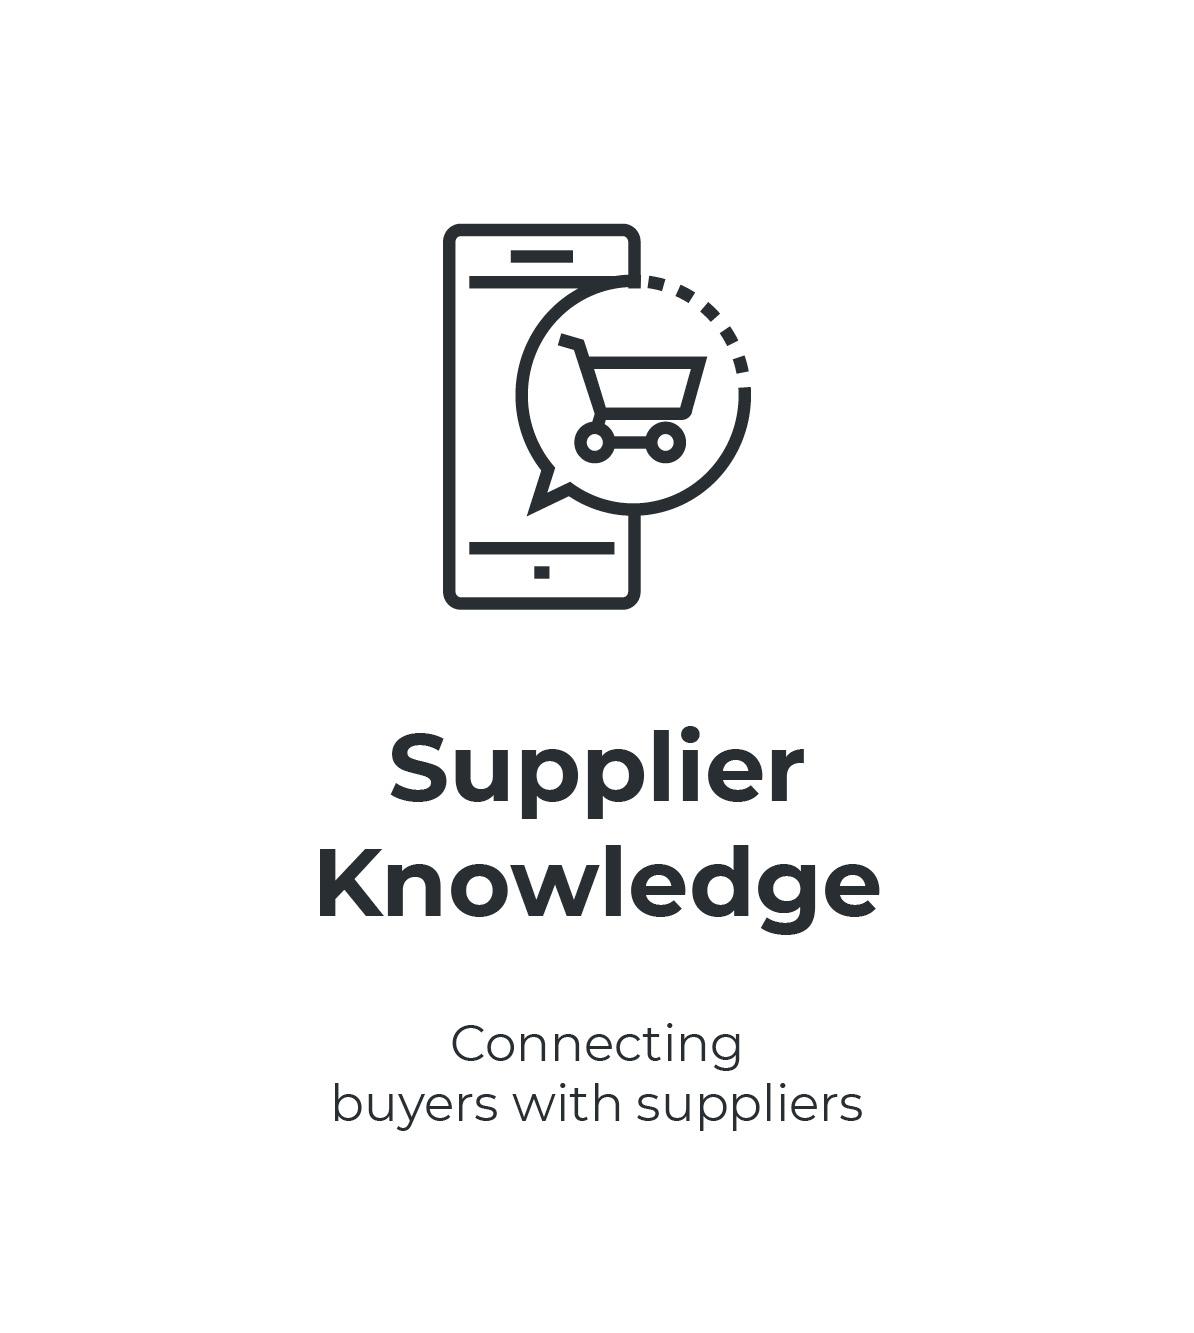 Supplier Knowledge